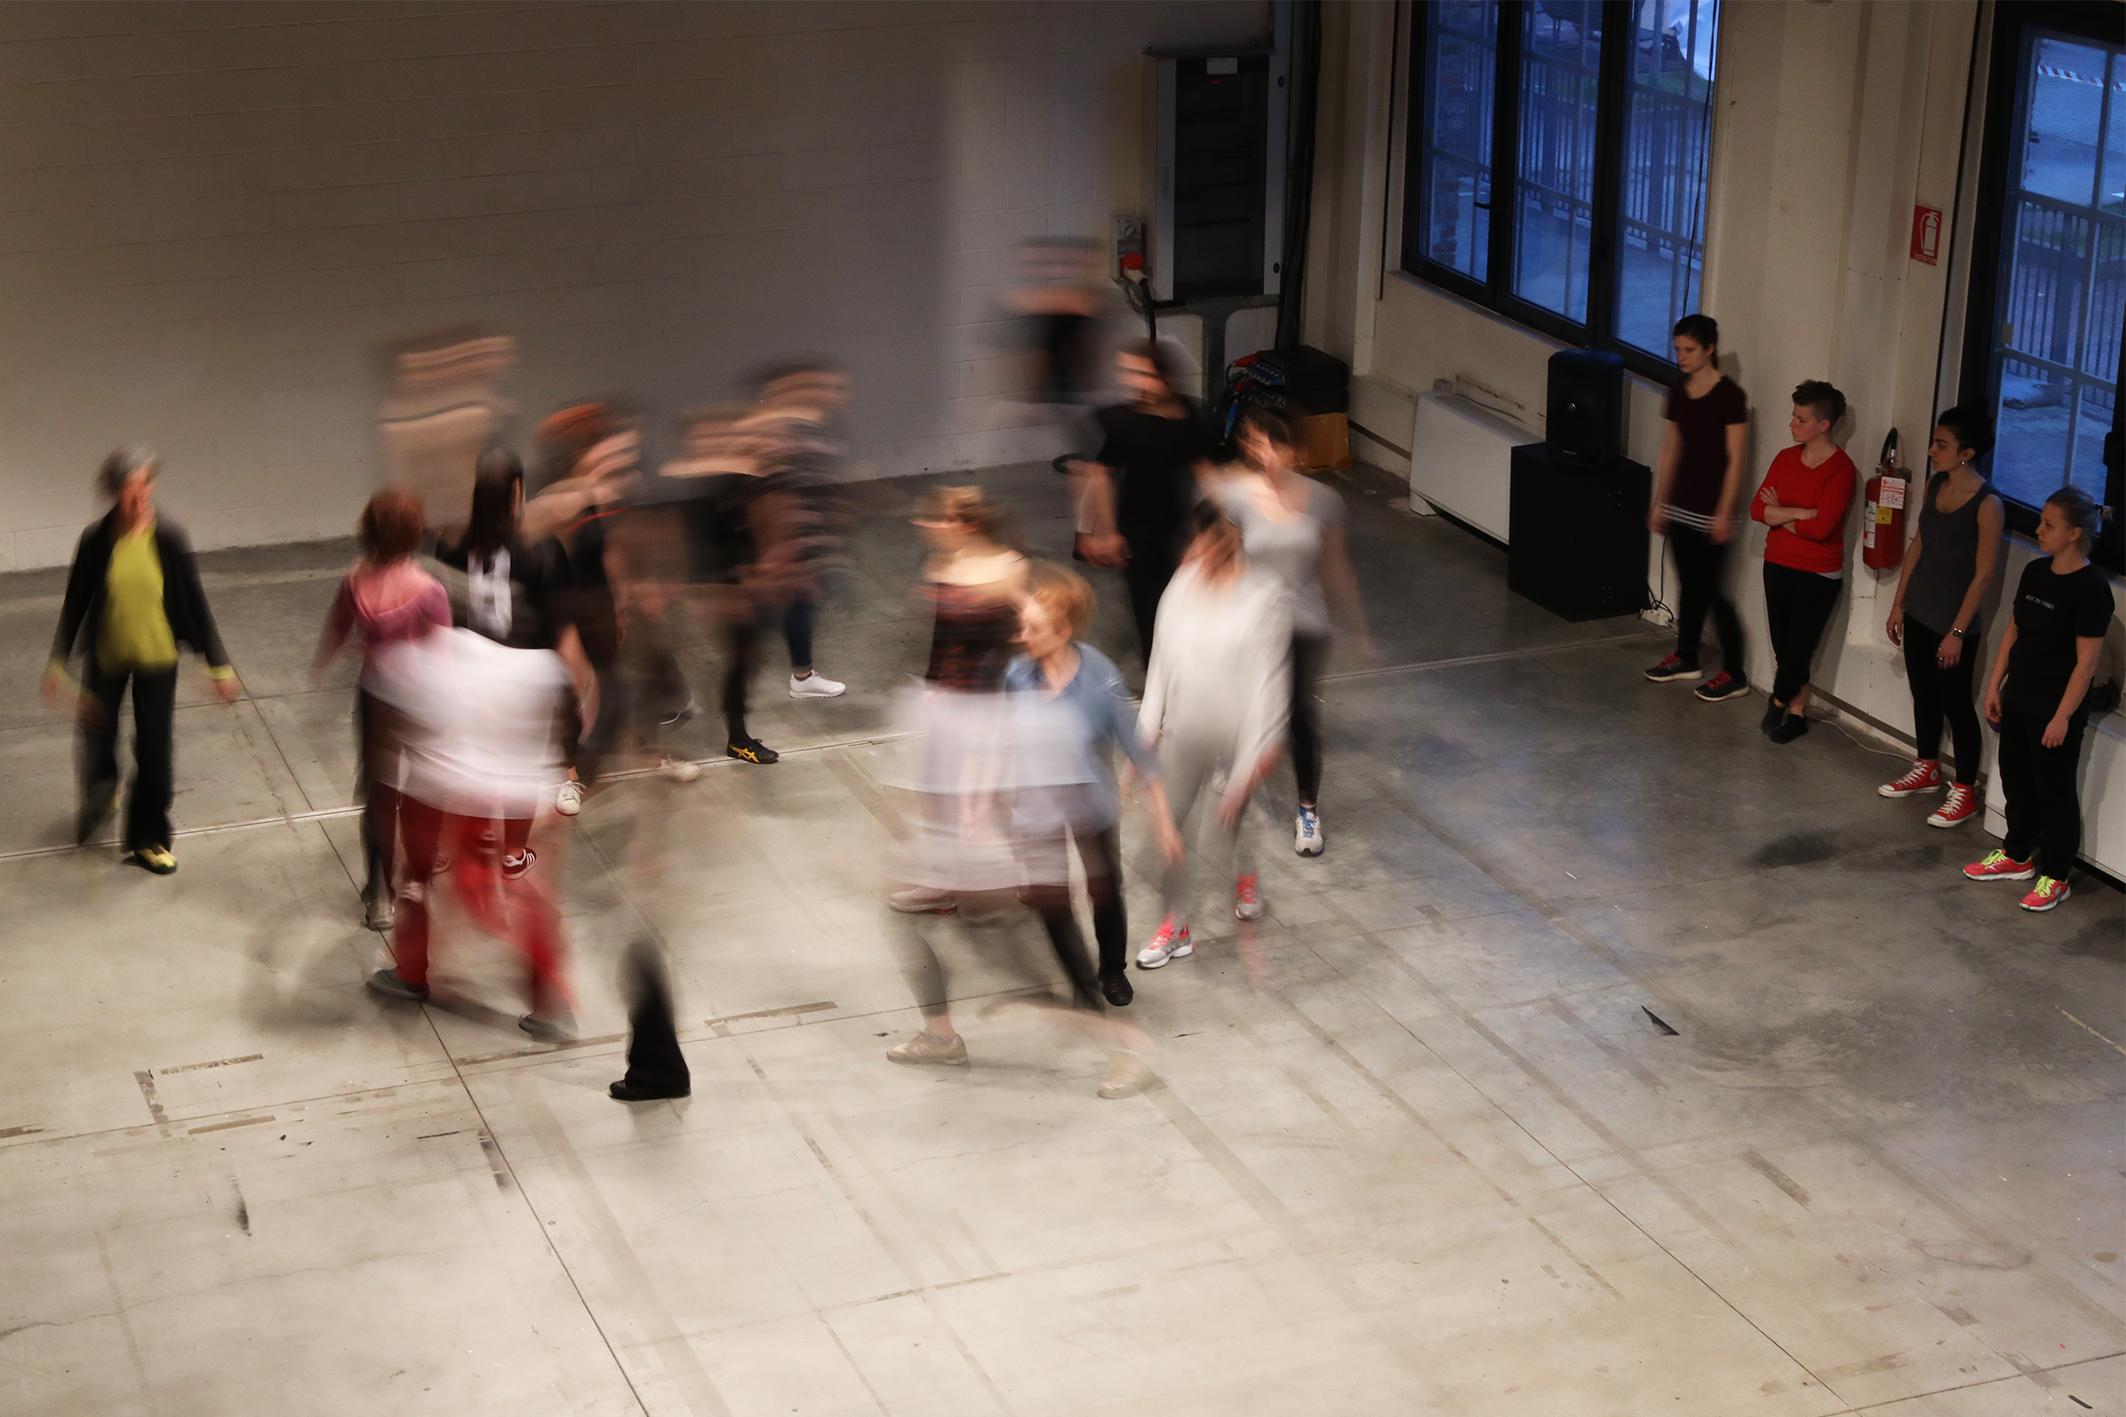 https://www.danzaurbana.eu/festival/wp-content/uploads/Stormo_1K1A5422_lite.jpg